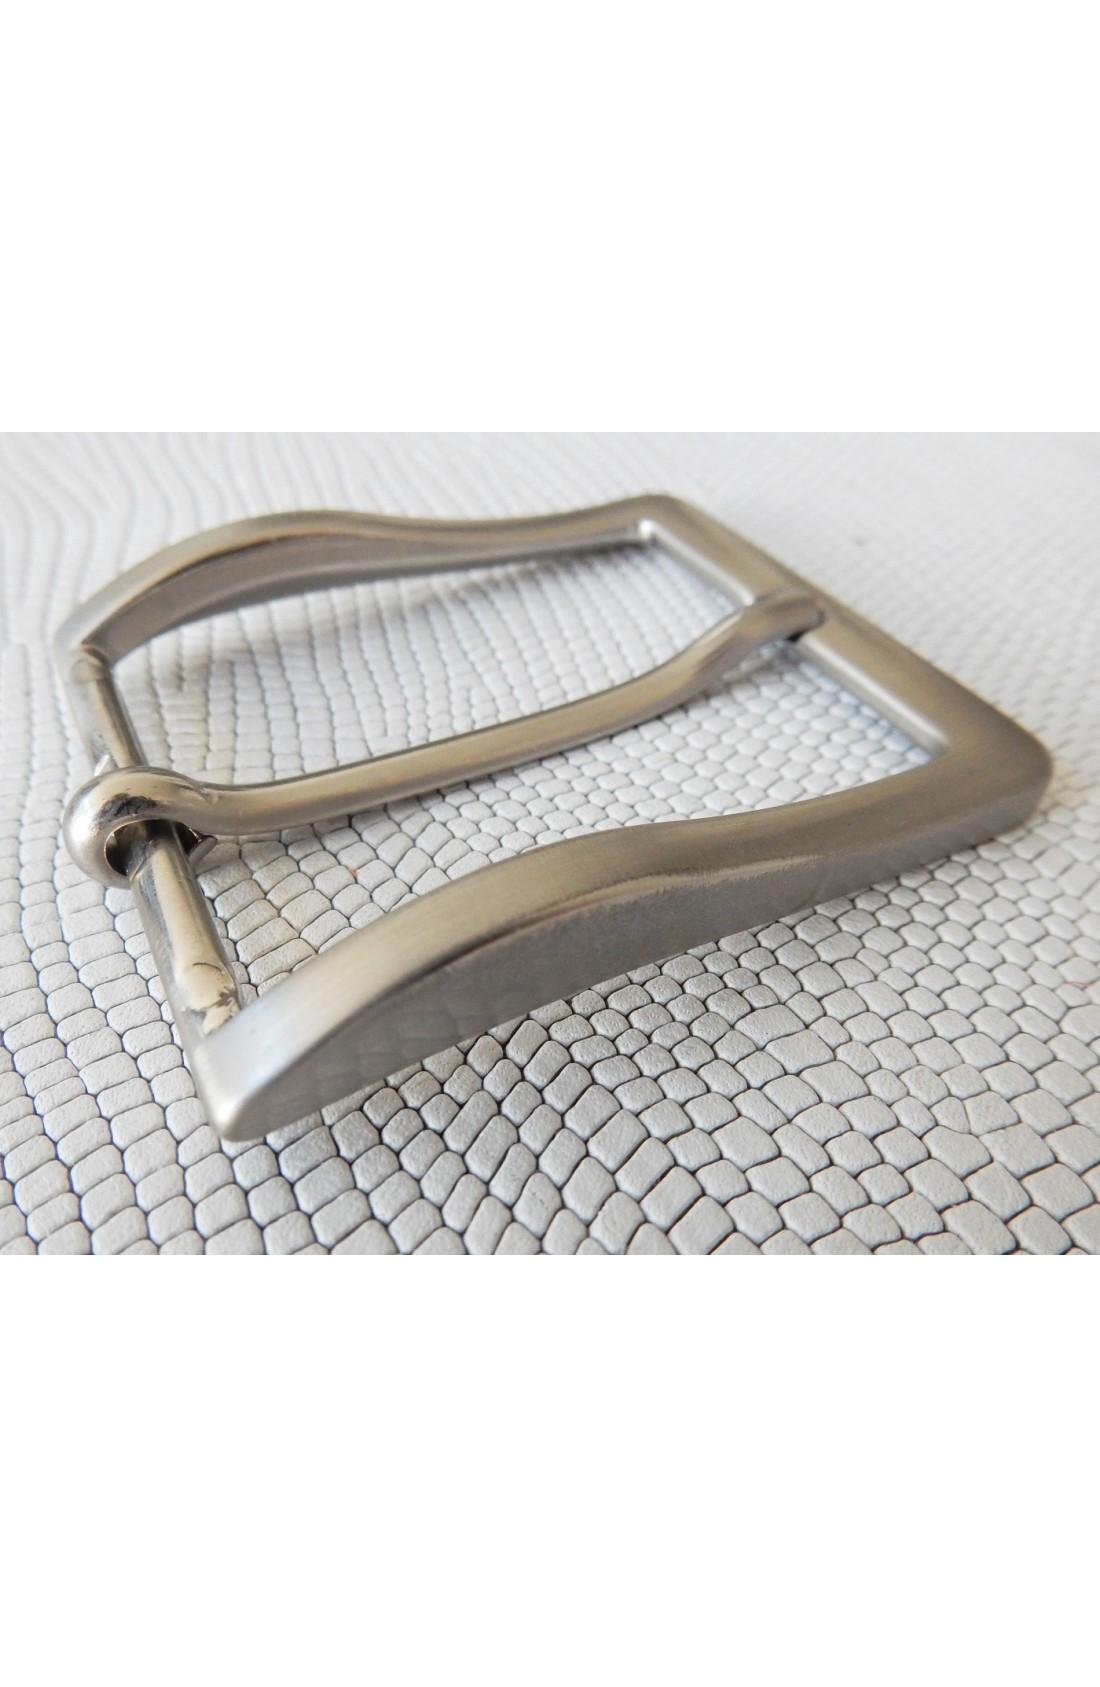 Fibbia Standard R 21 mm.35 nikel satinato (2)